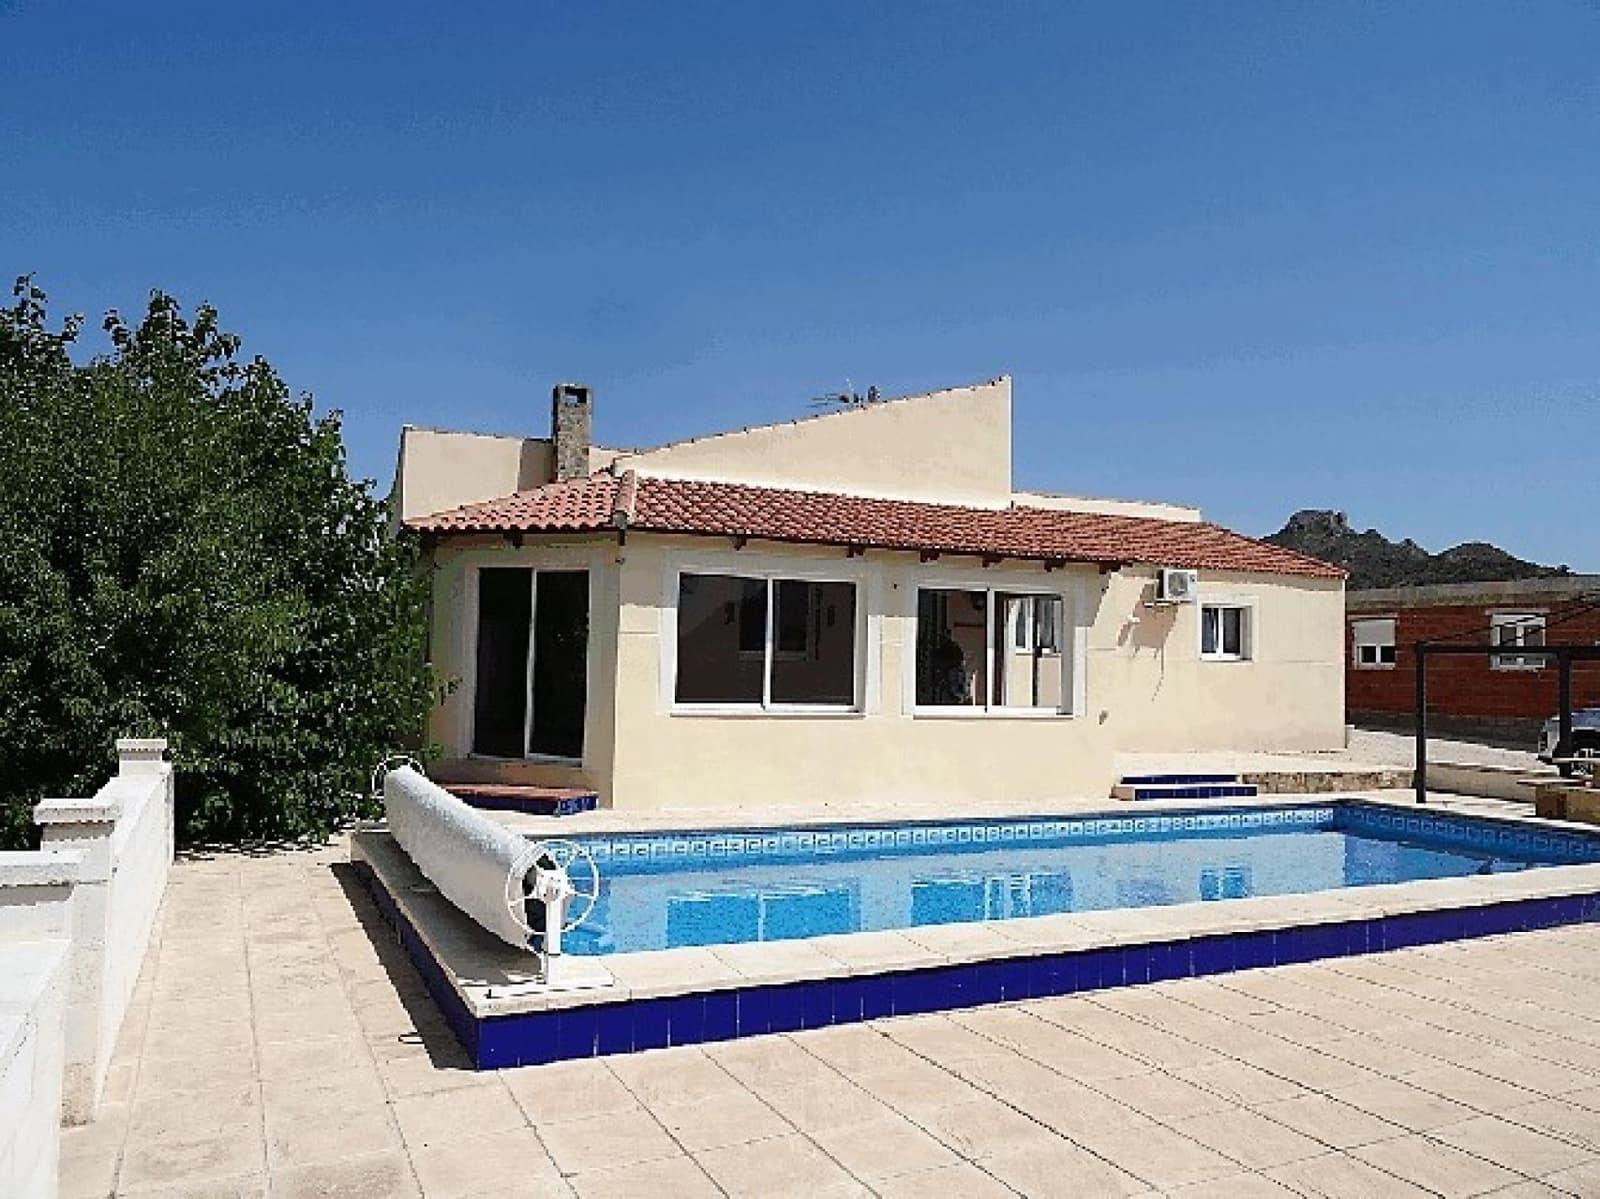 Finca/Casa Rural de 4 habitaciones en Salinas en venta - 250.000 € (Ref: 4457113)